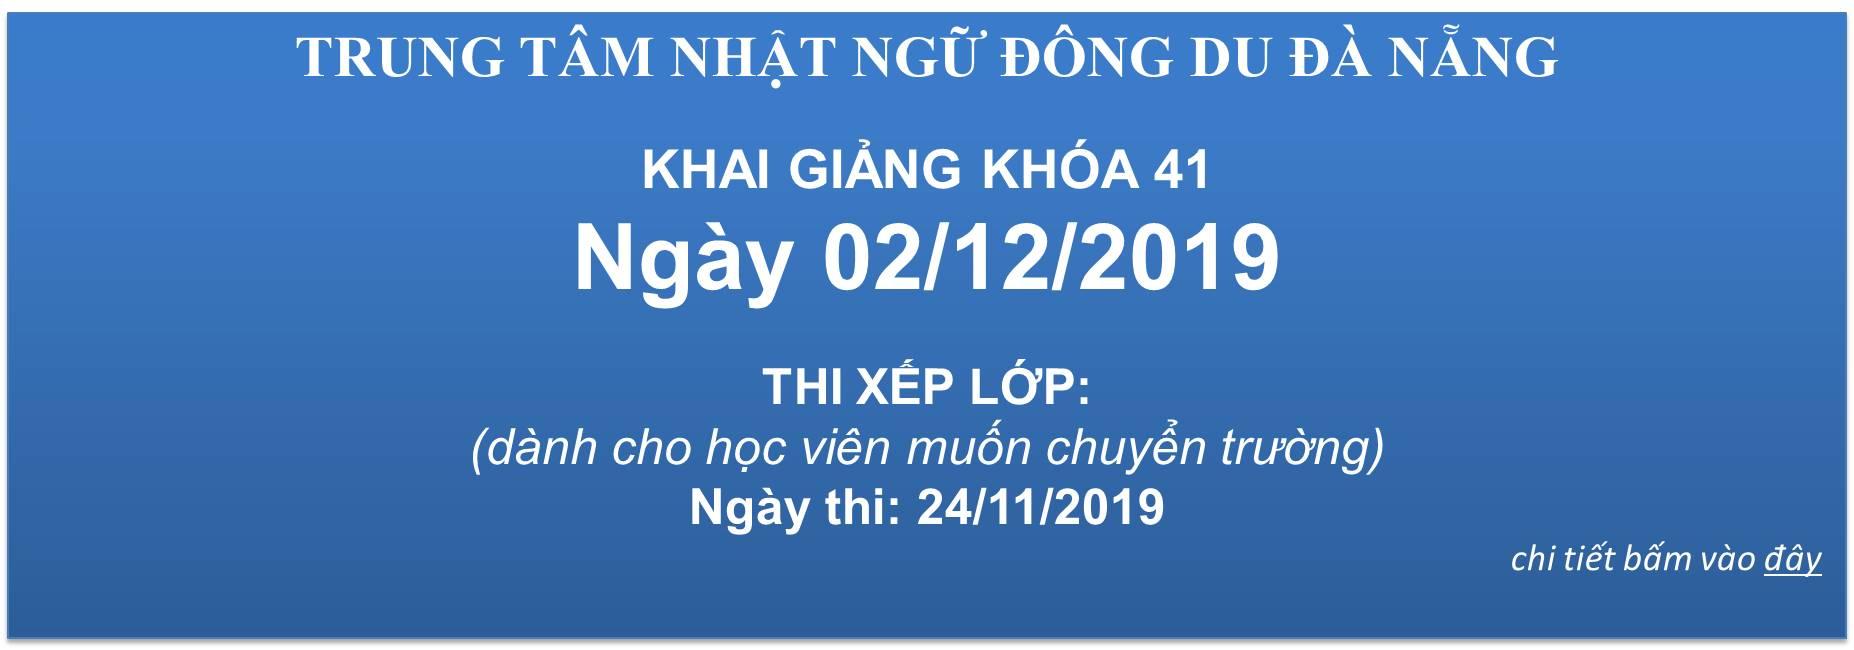 KHAI GIẢNG KHÓA 41 - NGÀY 02/12/2019